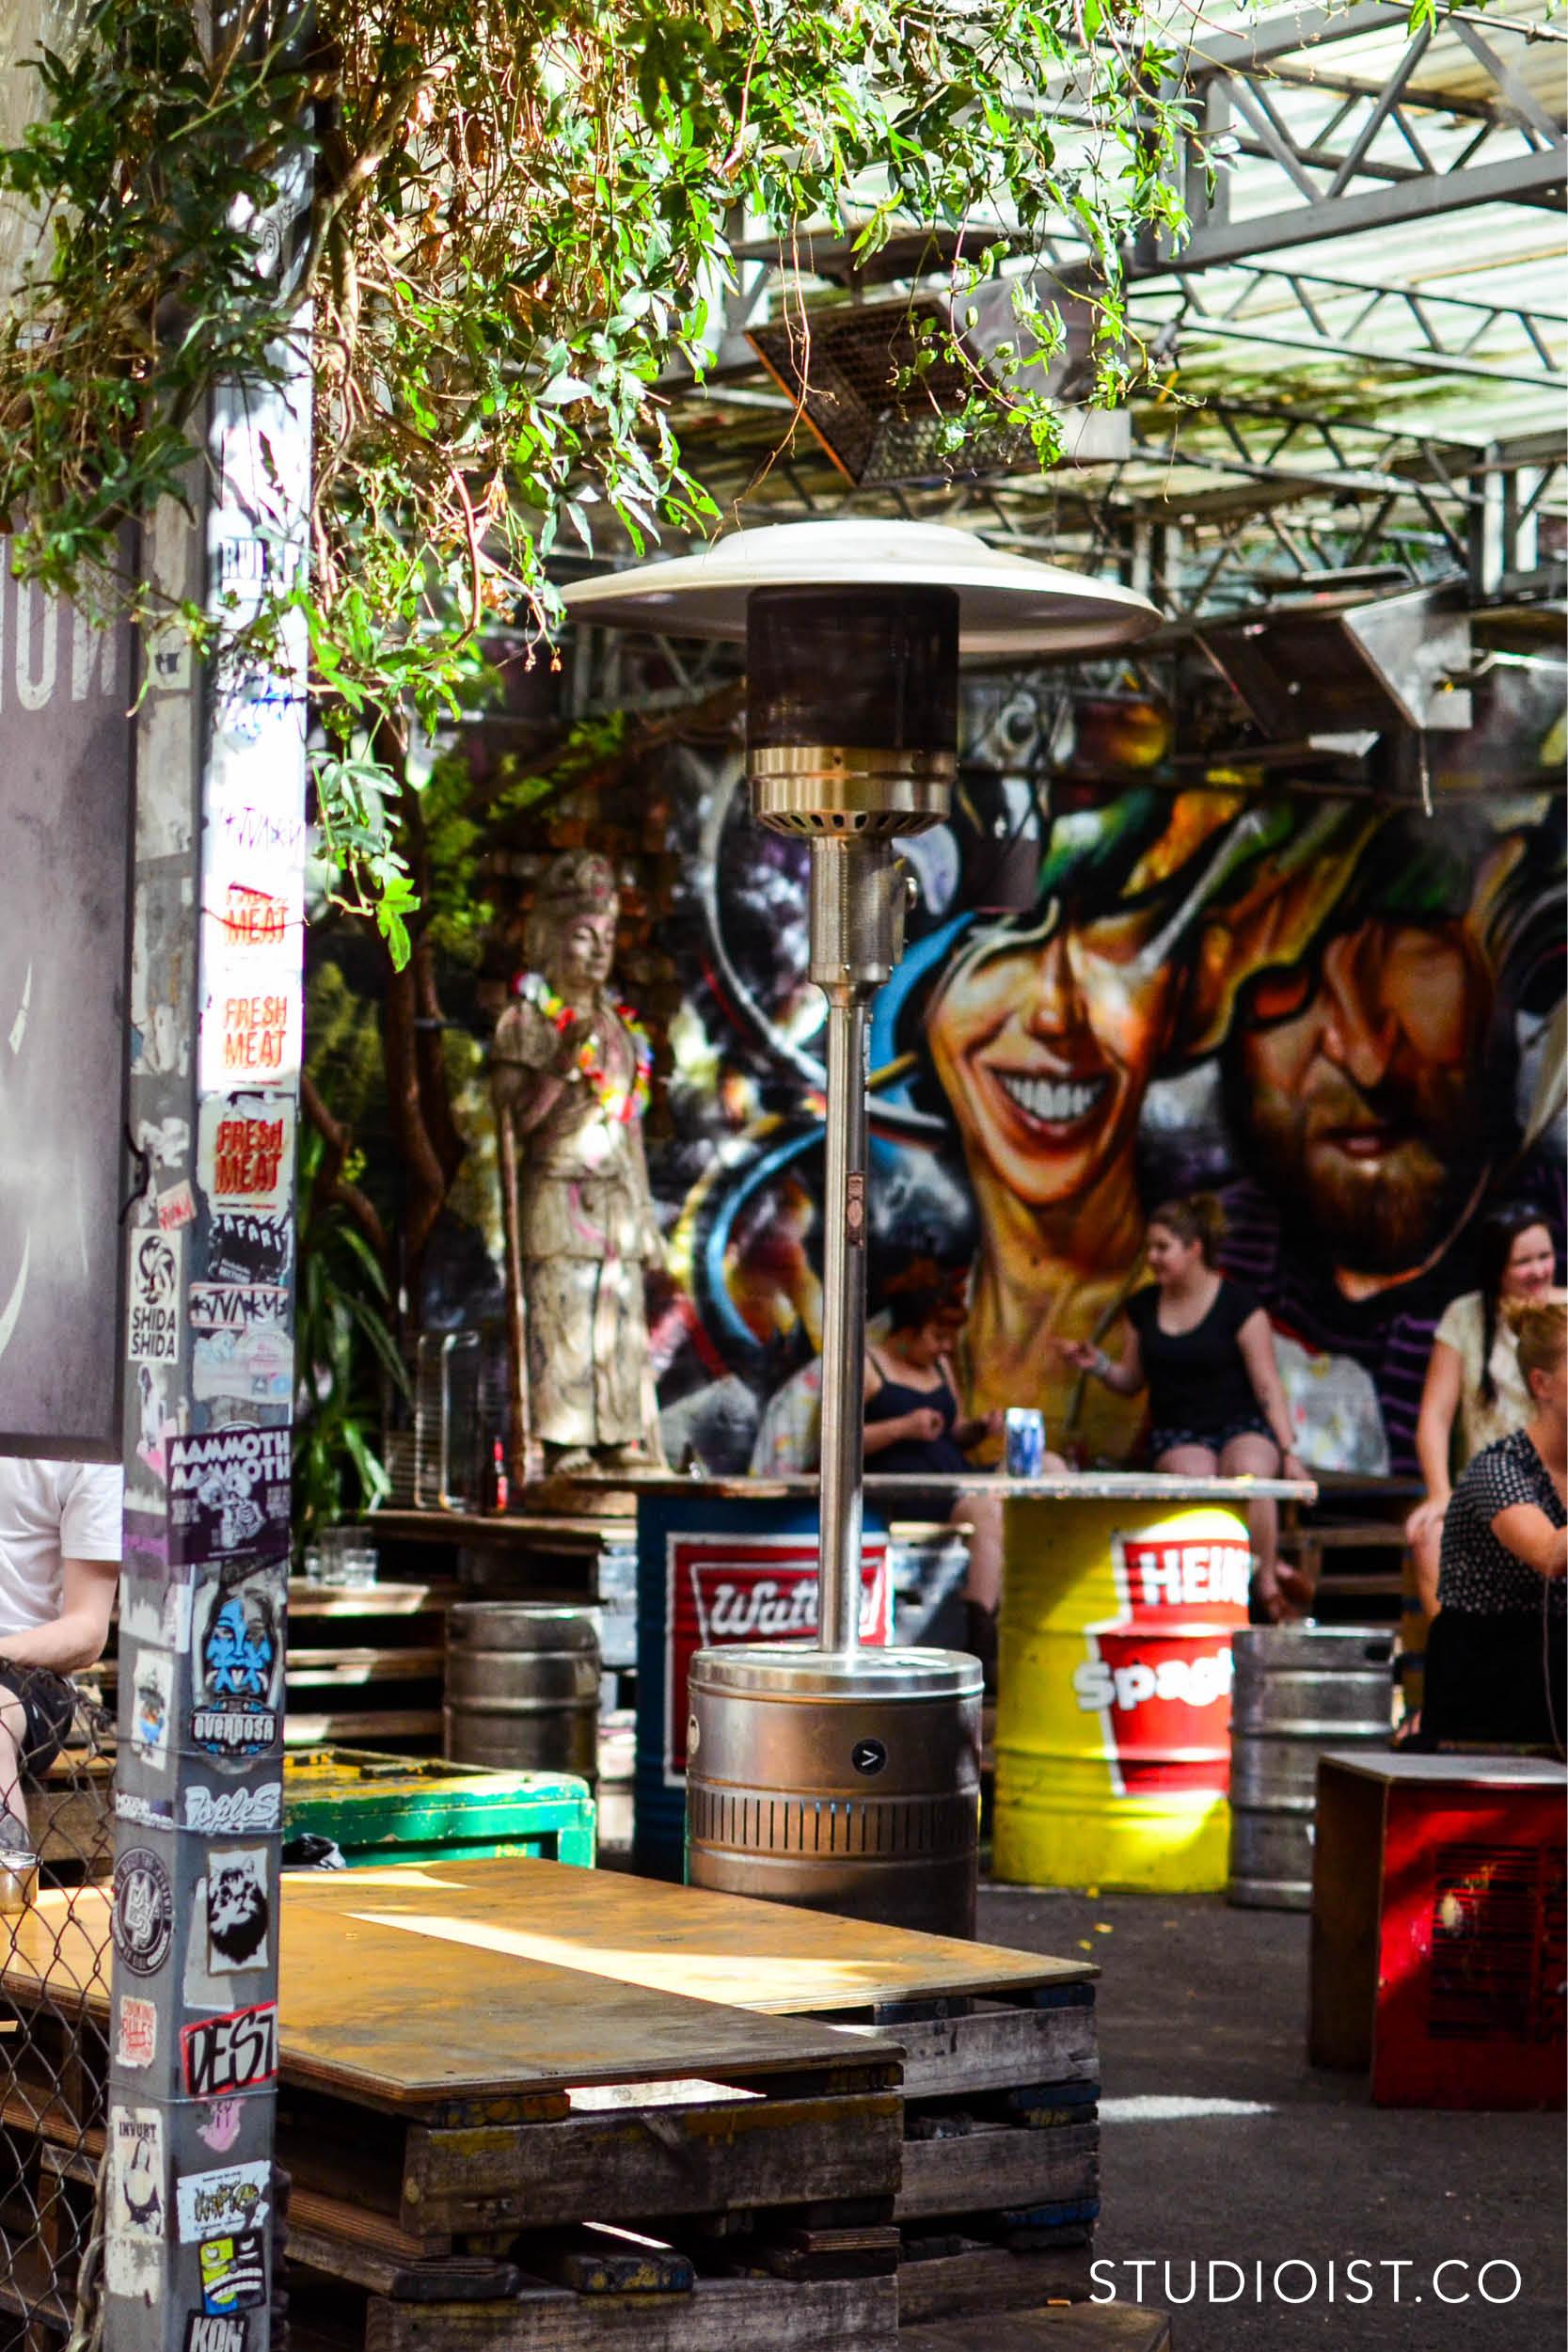 Studioist_Pinterest Design Travel_Melbourne Itinerary2.jpg